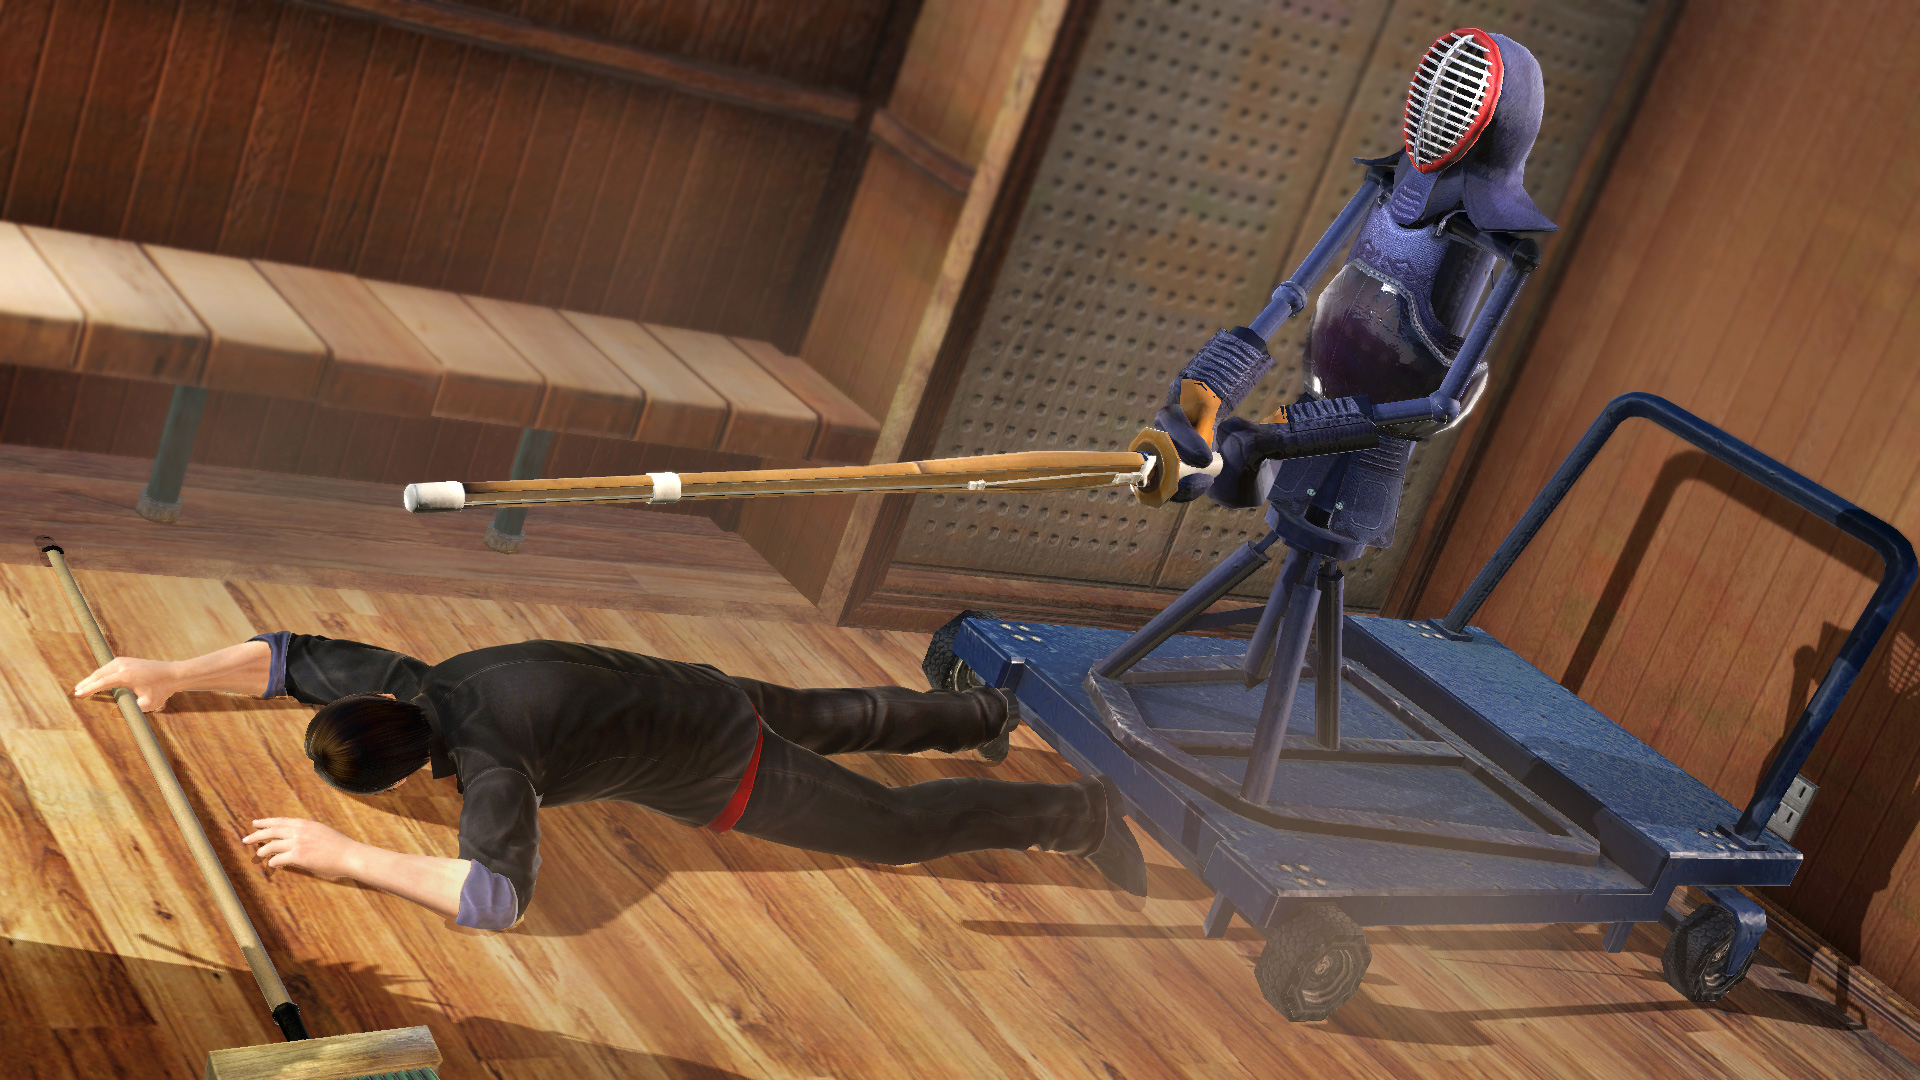 仕掛け「剣道マシーン面」により、「面」が決まったシーン。他にも「胴」、「突き」を打つ「剣道マシーン」が存在する